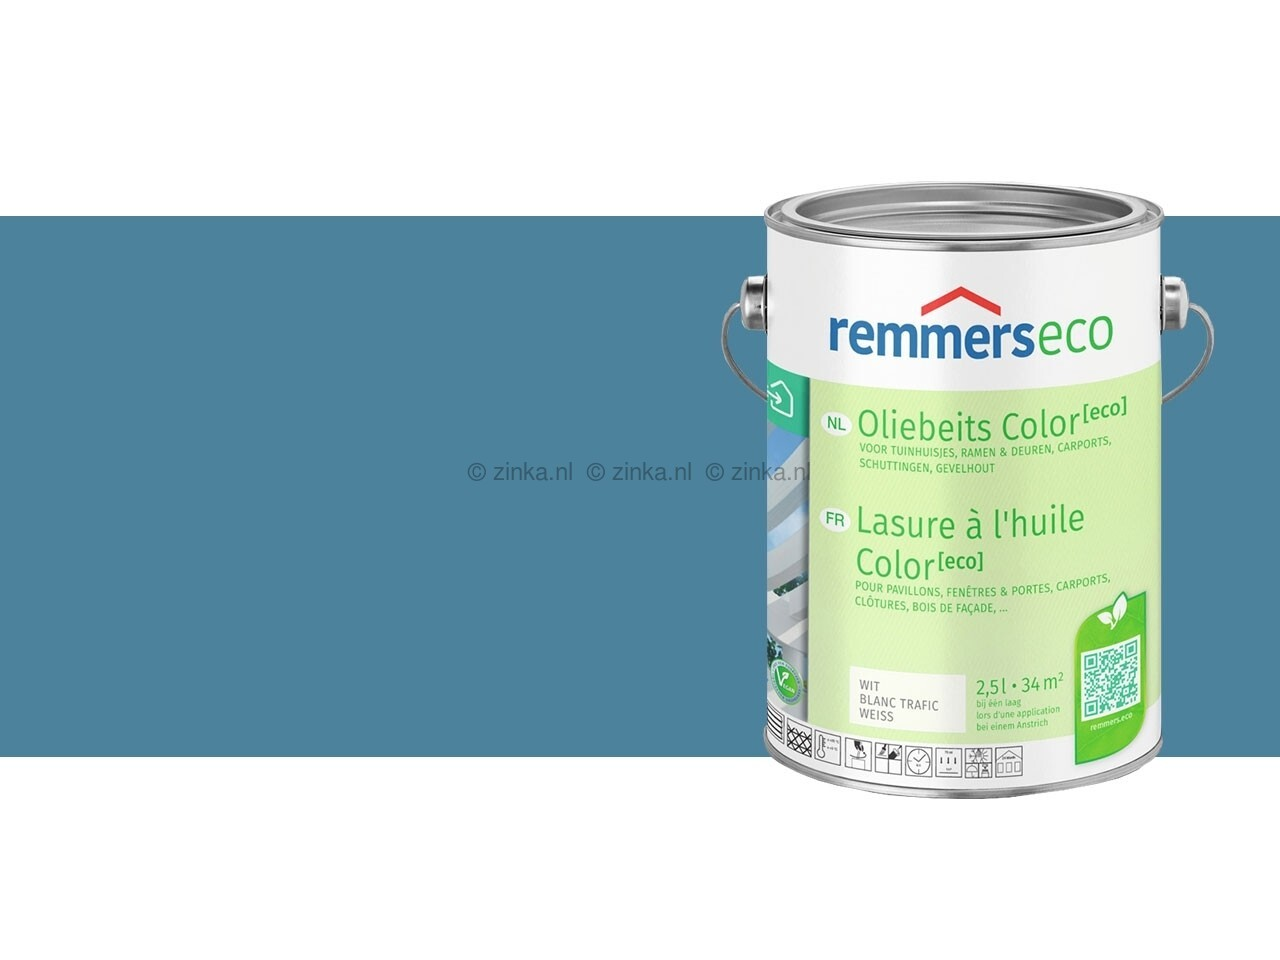 Eco oliebeits blauw